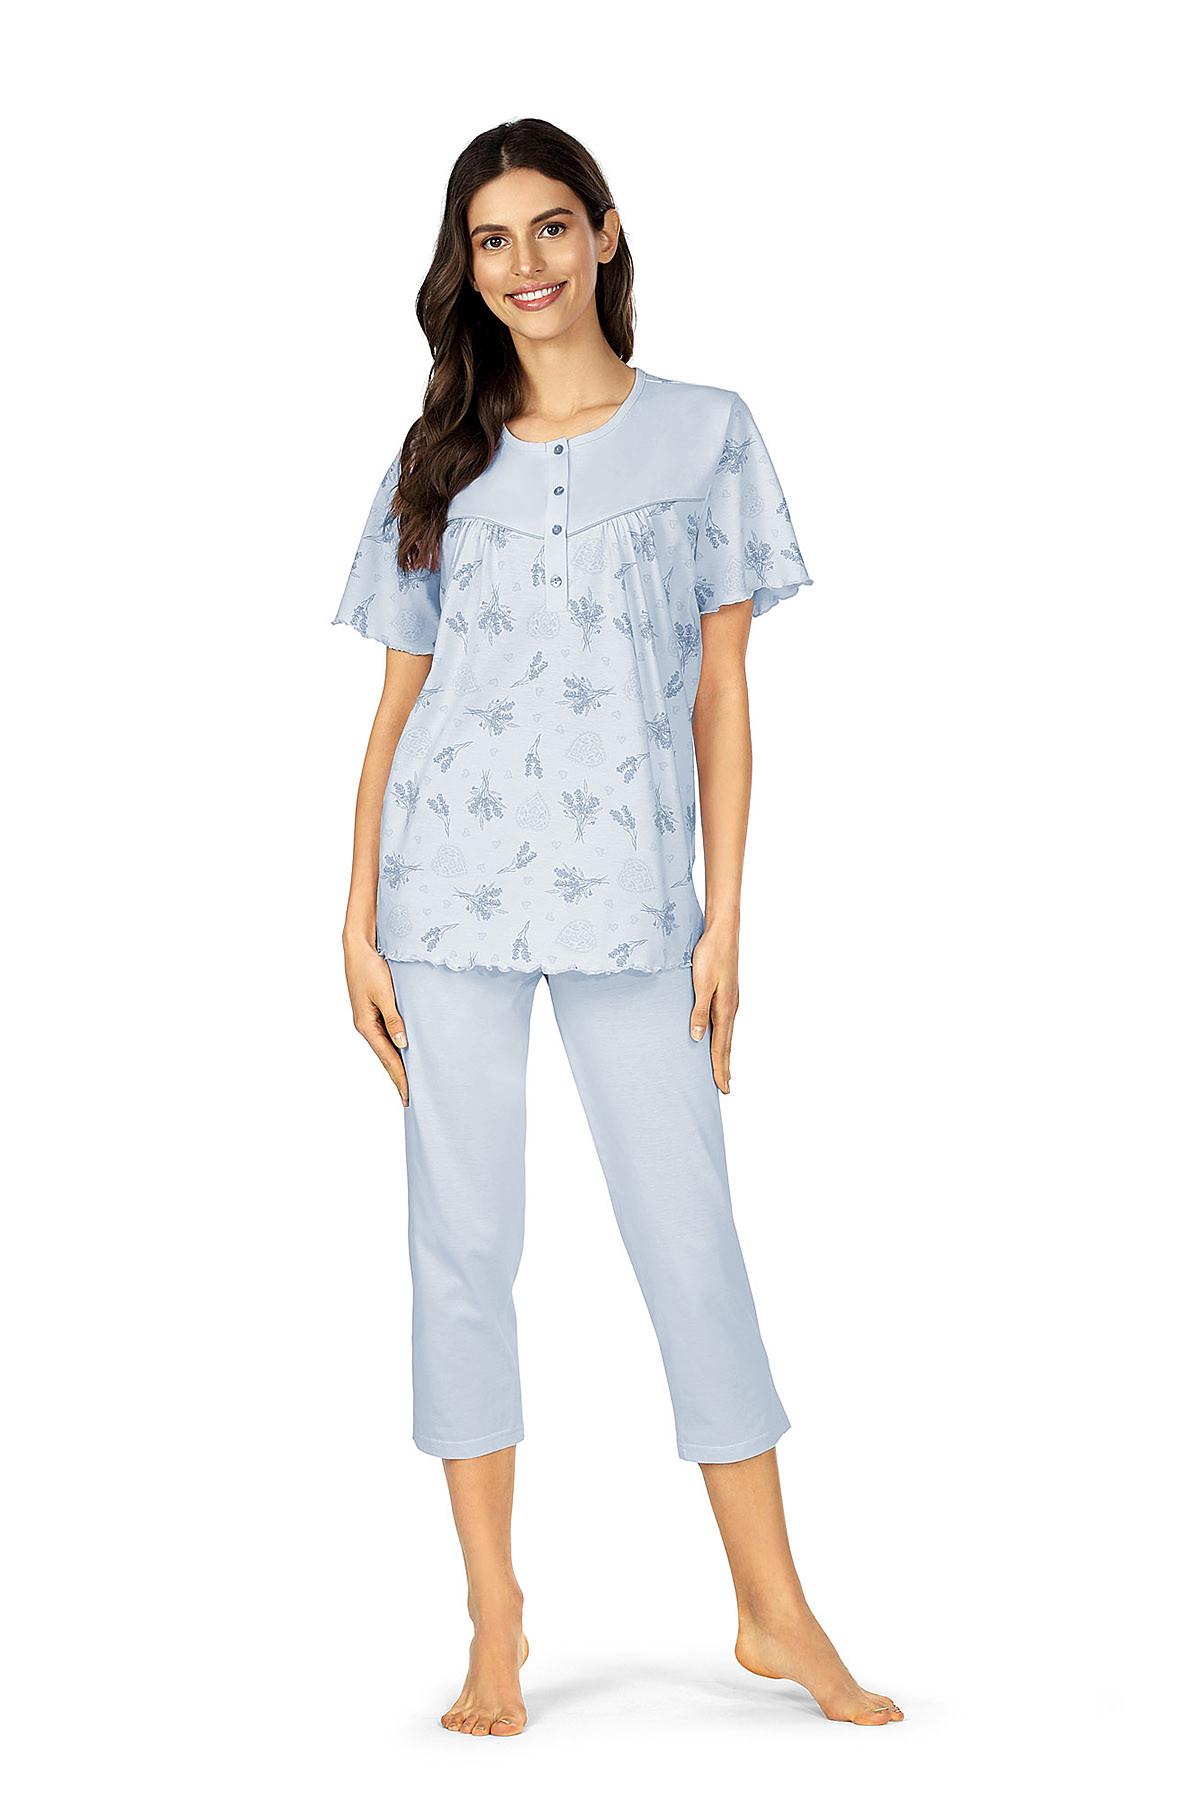 Comtessa Schlafanzug Damen kurzer Arm Bleu Knopfleiste 100% Baumwolle Übergröße